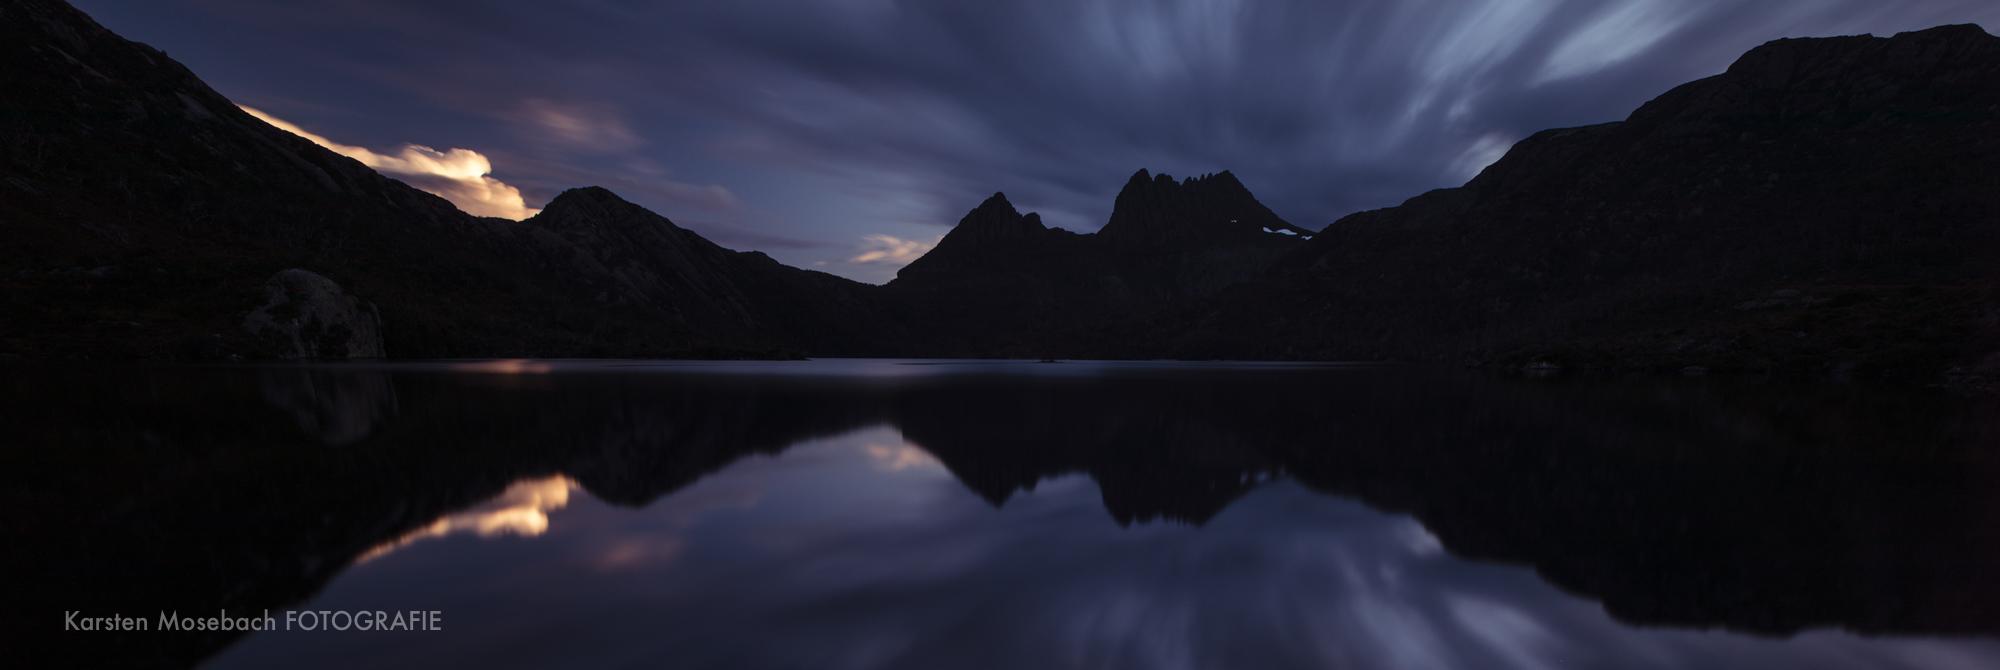 Karsten_Mosebach_Tasmanien_Cradle Mt.-0929